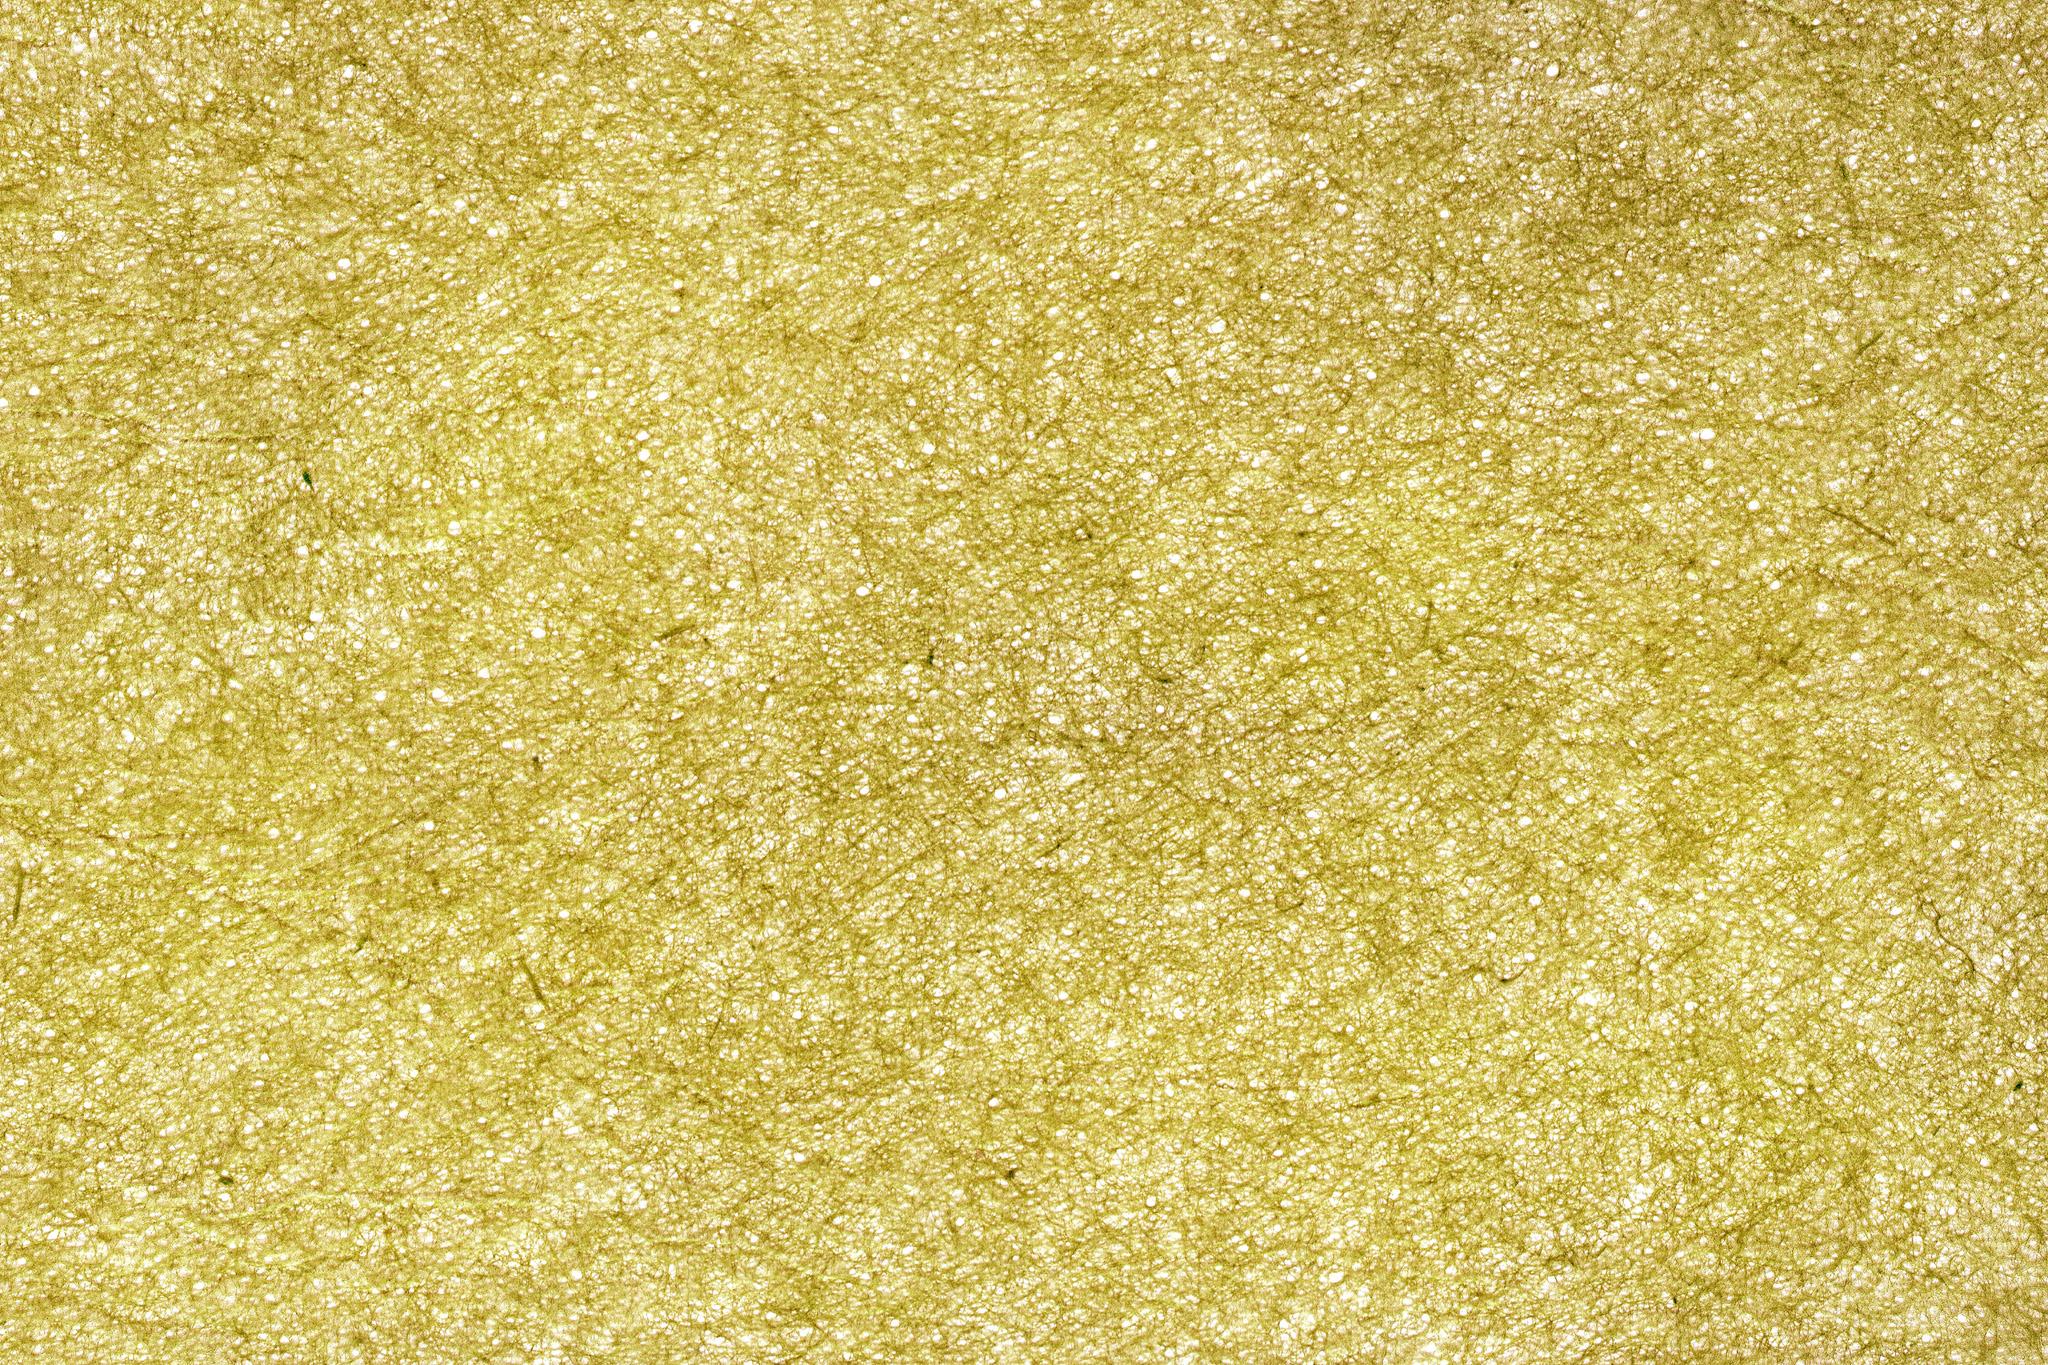 「黄金色の極薄和紙」の画像を無料ダウンロード